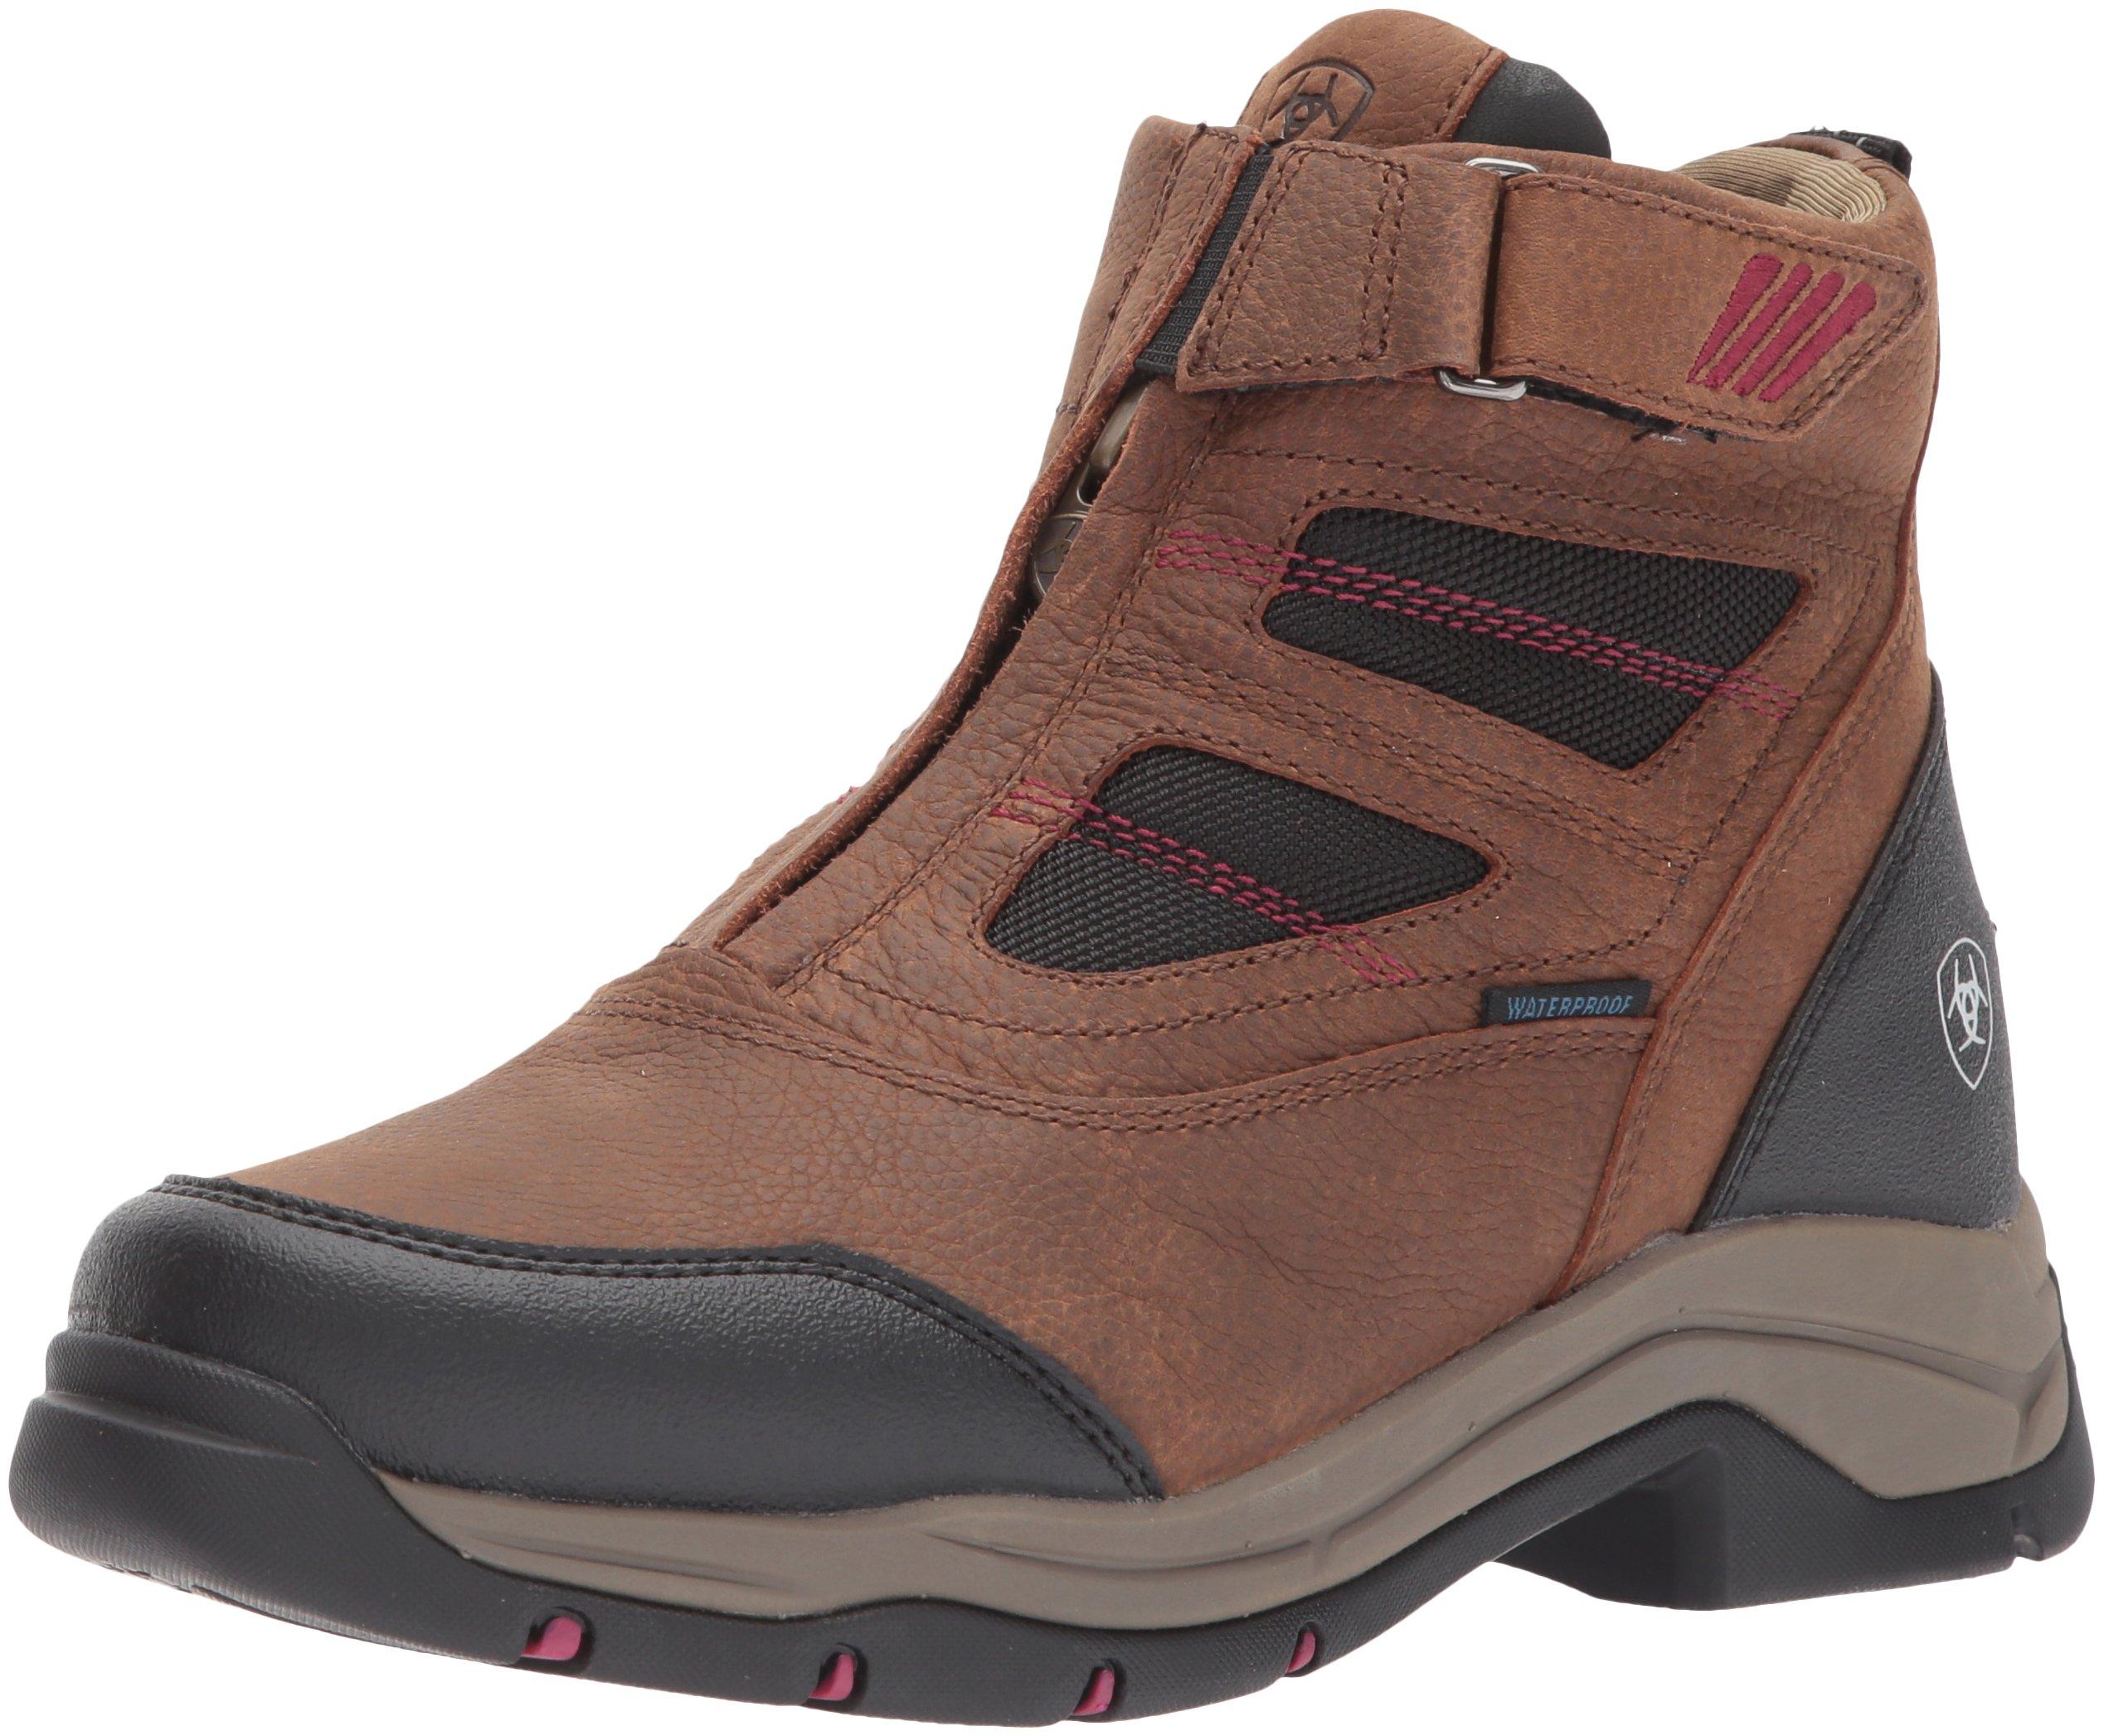 Ariat Women's Terrain Pro Zip H2O Work Boot, Brown, 8 B US